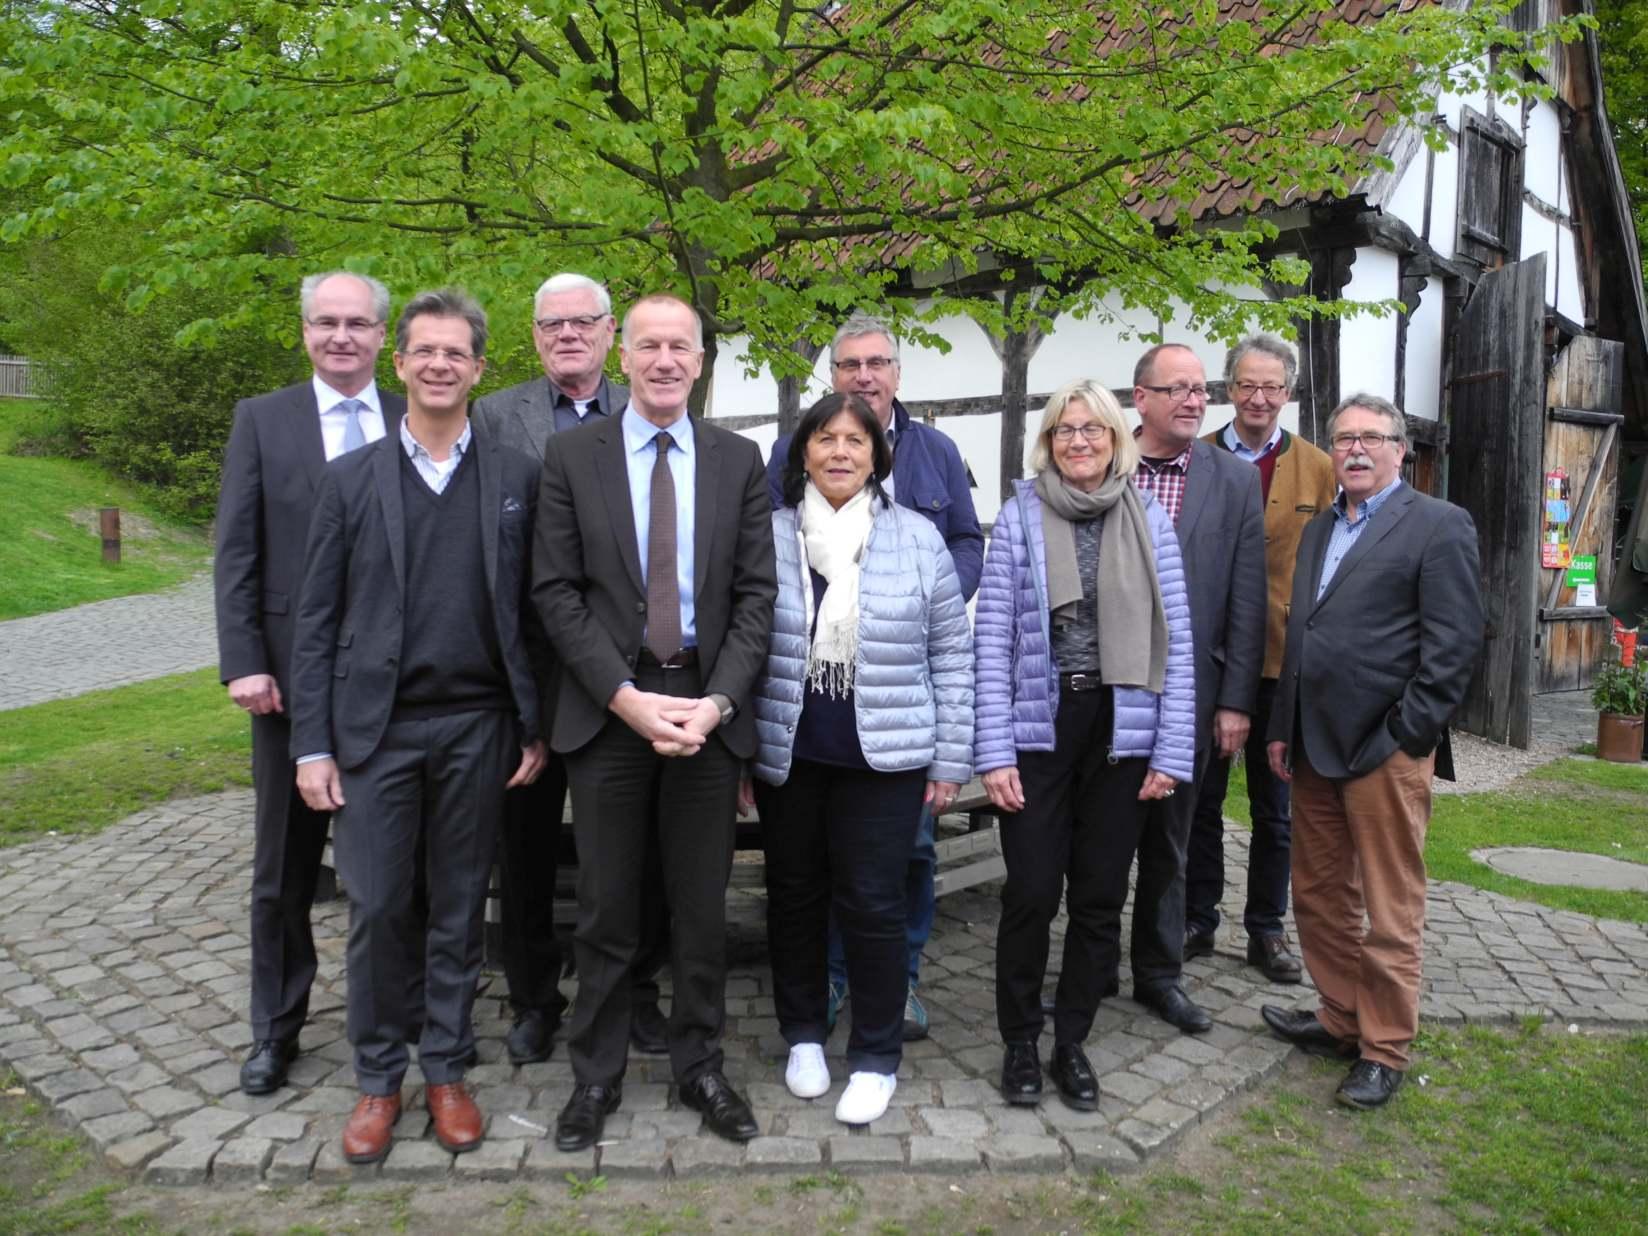 Vorstand der Stiftung Bauernhausmuseum 2017